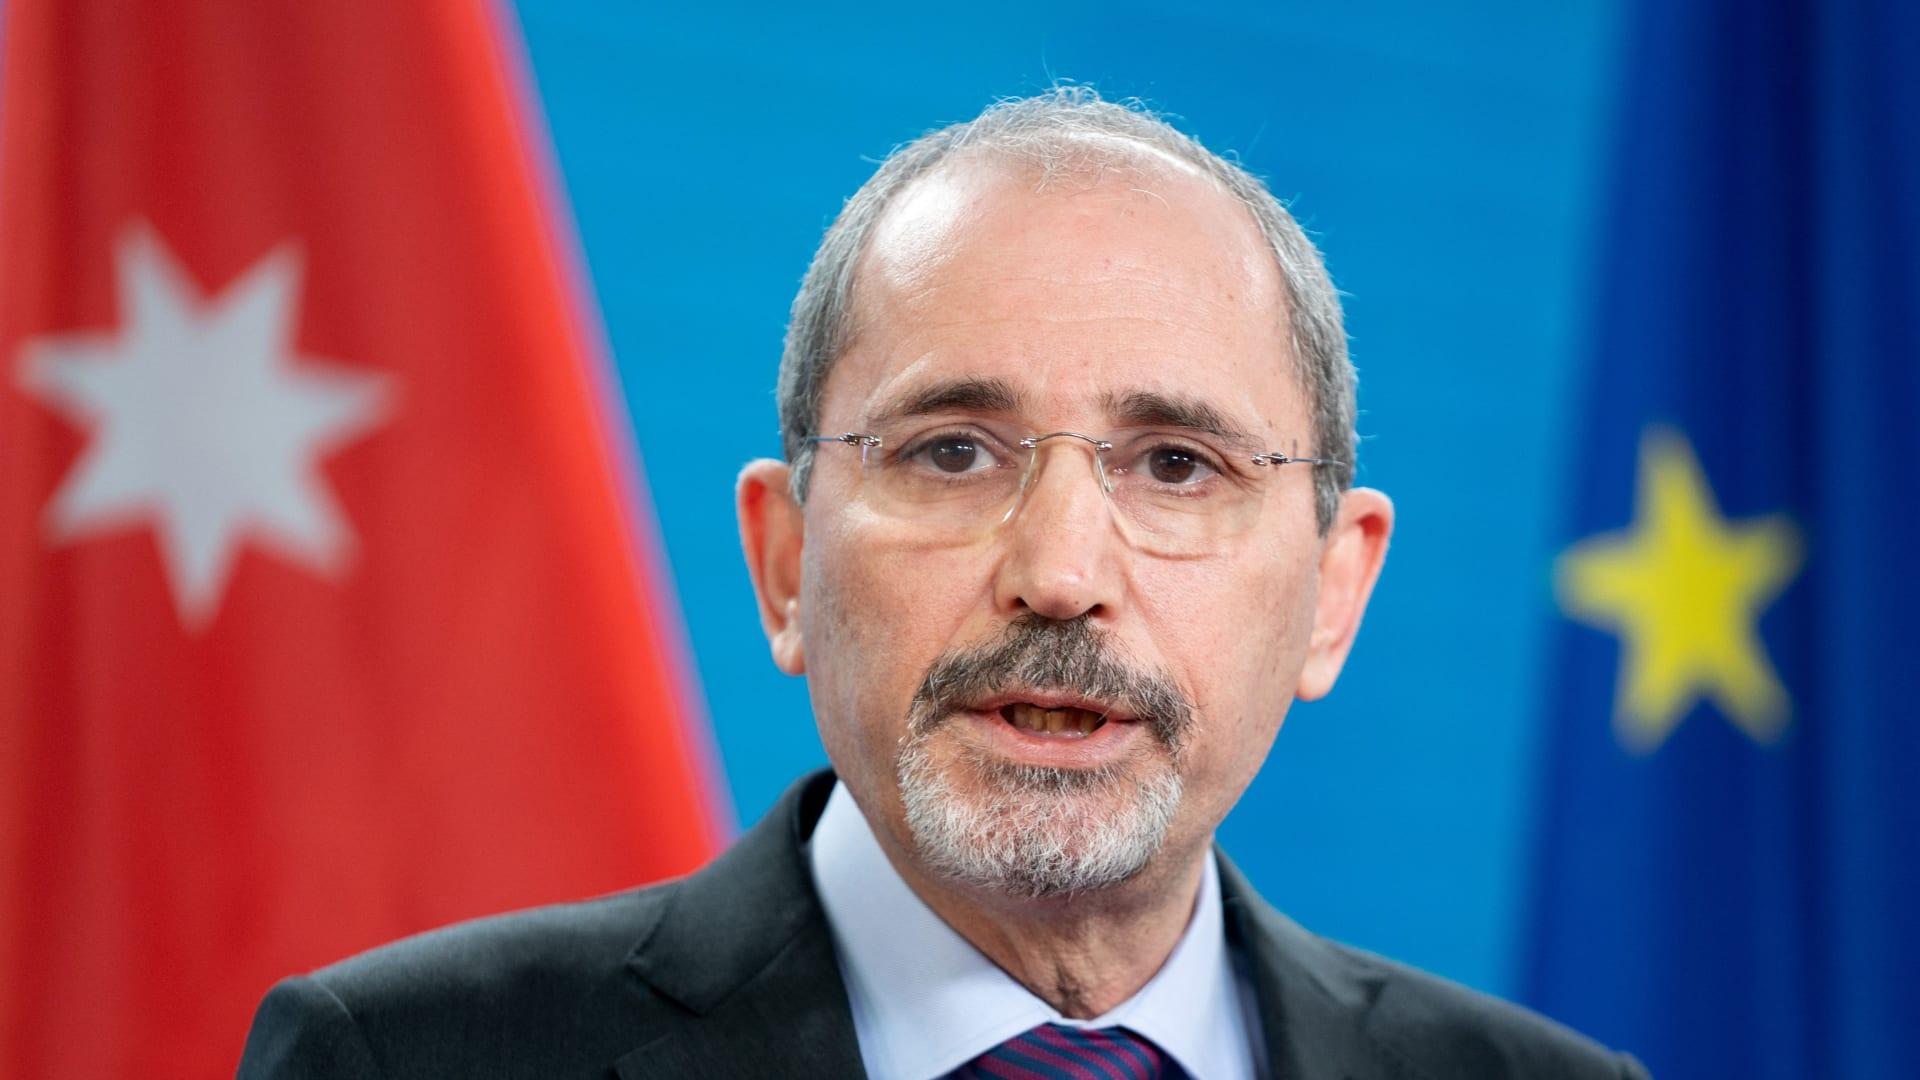 ولي عهد الأردن السابق: الجيش أبلغني بعدم مغادرة المنزل وأنا لست جزءا من أي مؤامرة